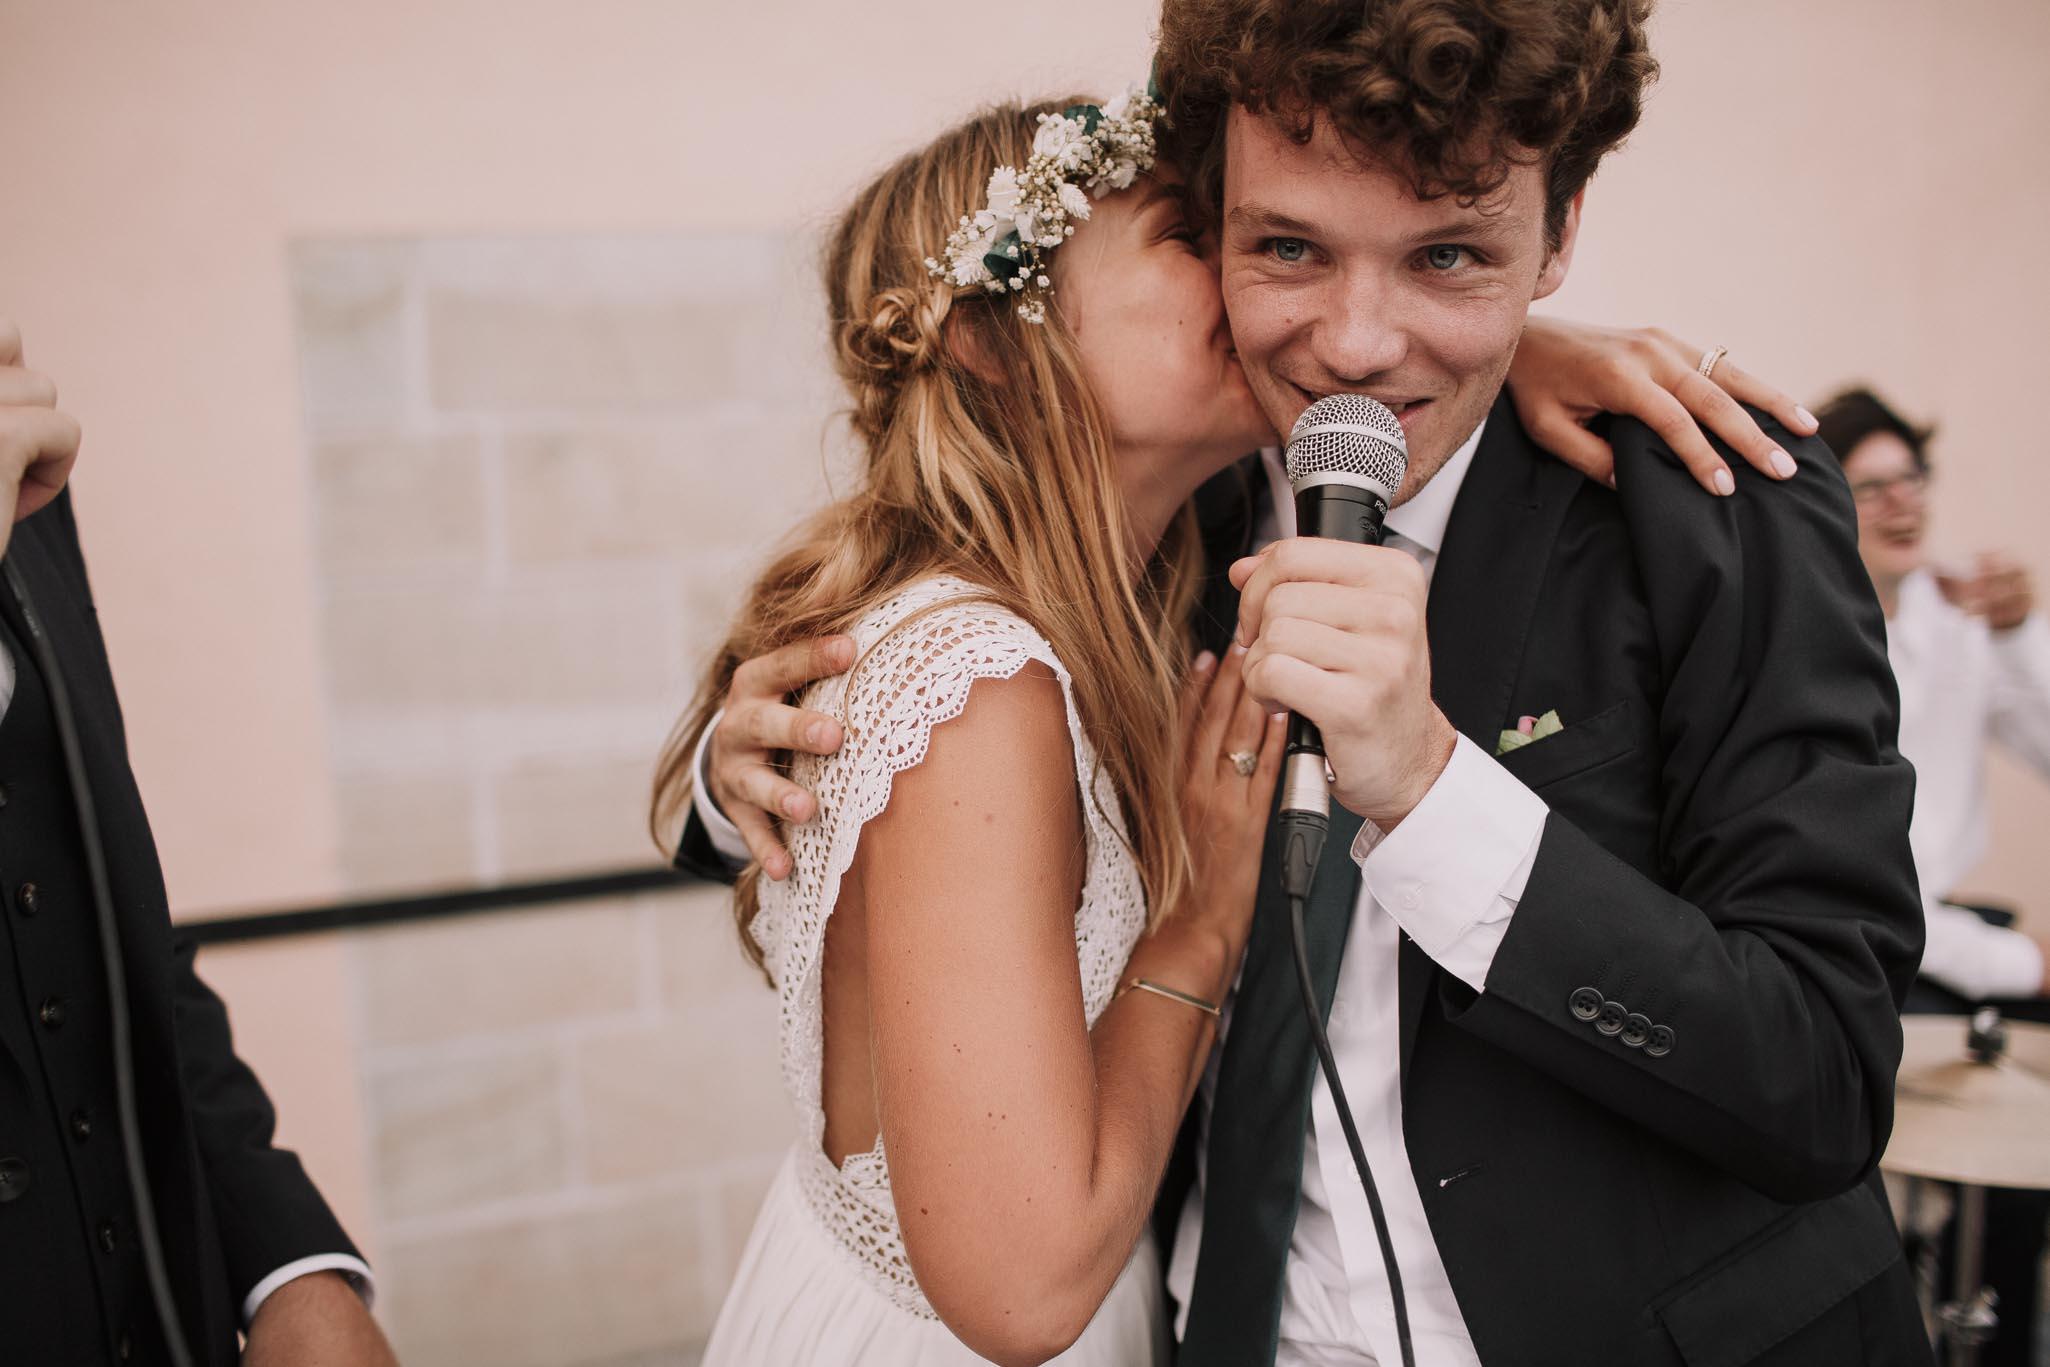 Photographe-mariage-bordeaux-jeremy-boyer-pays-basque-ihartze-artea-sare-robe-eleonore-pauc-couple-amour-155.jpg